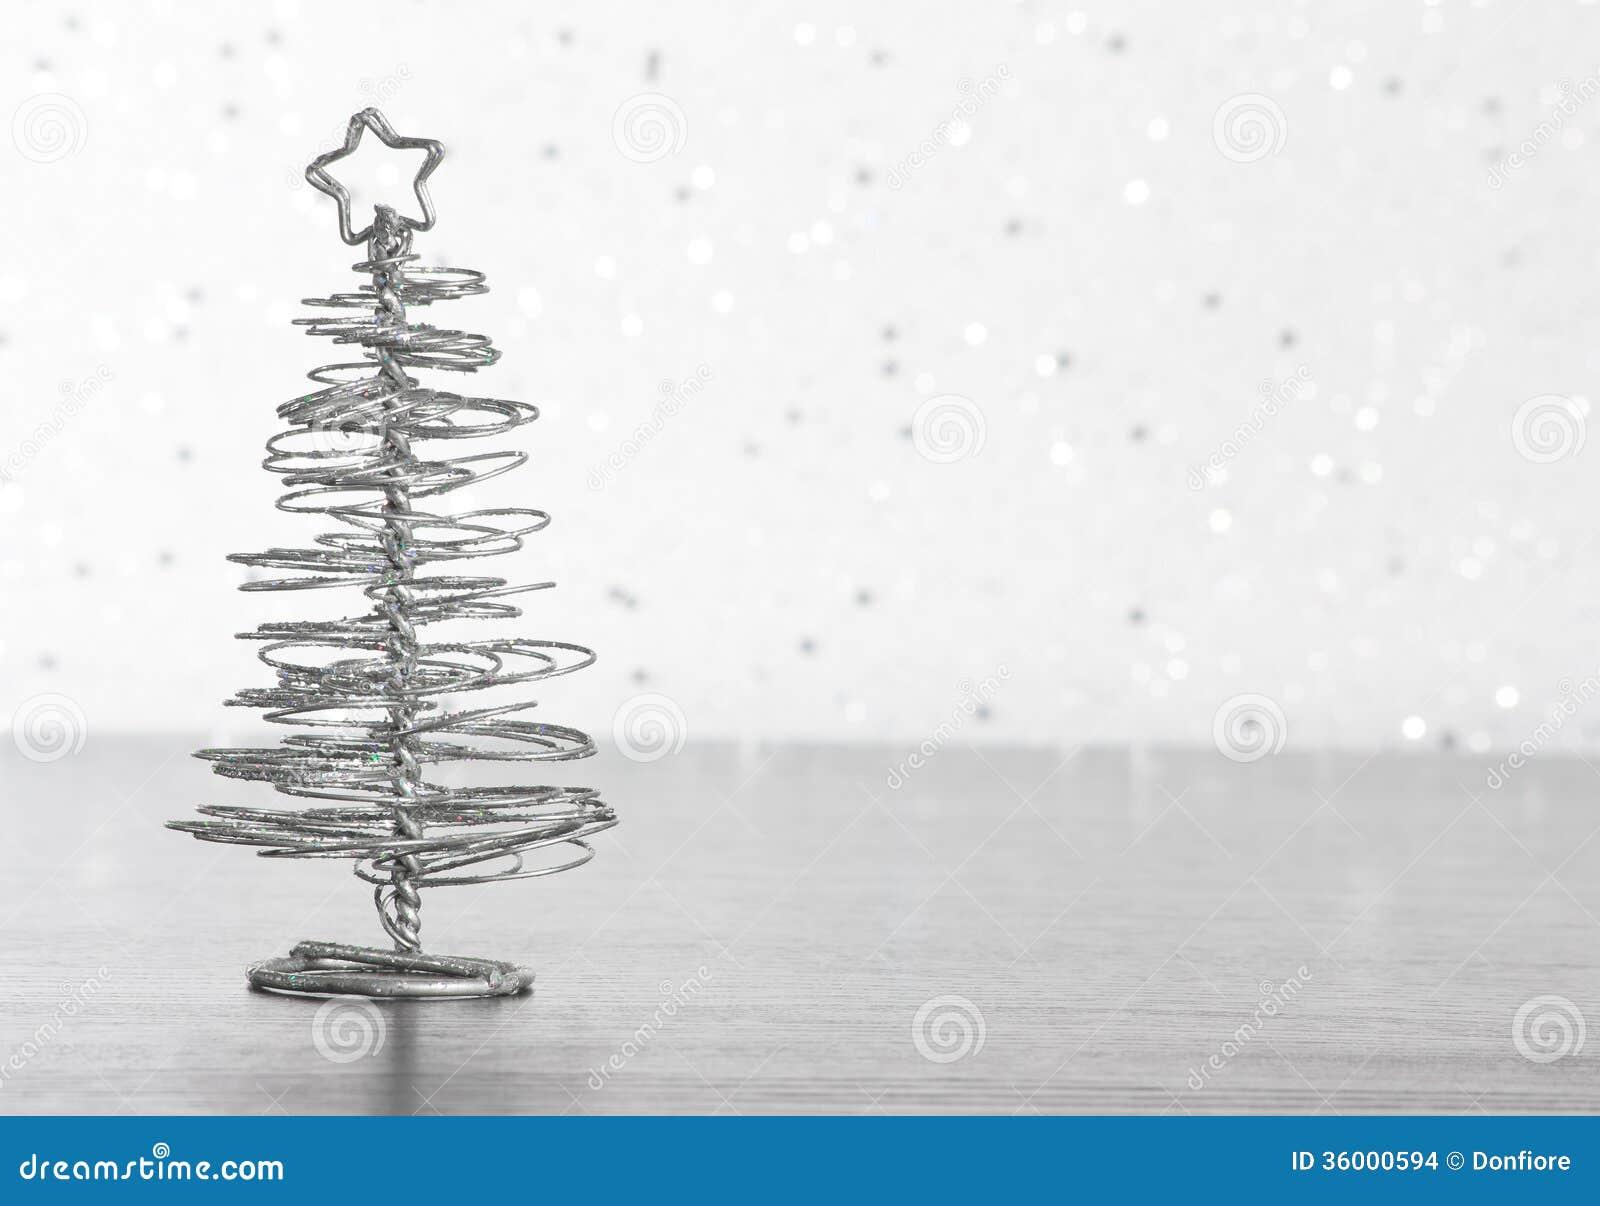 rbol de navidad moderno metlico en la tabla de madera